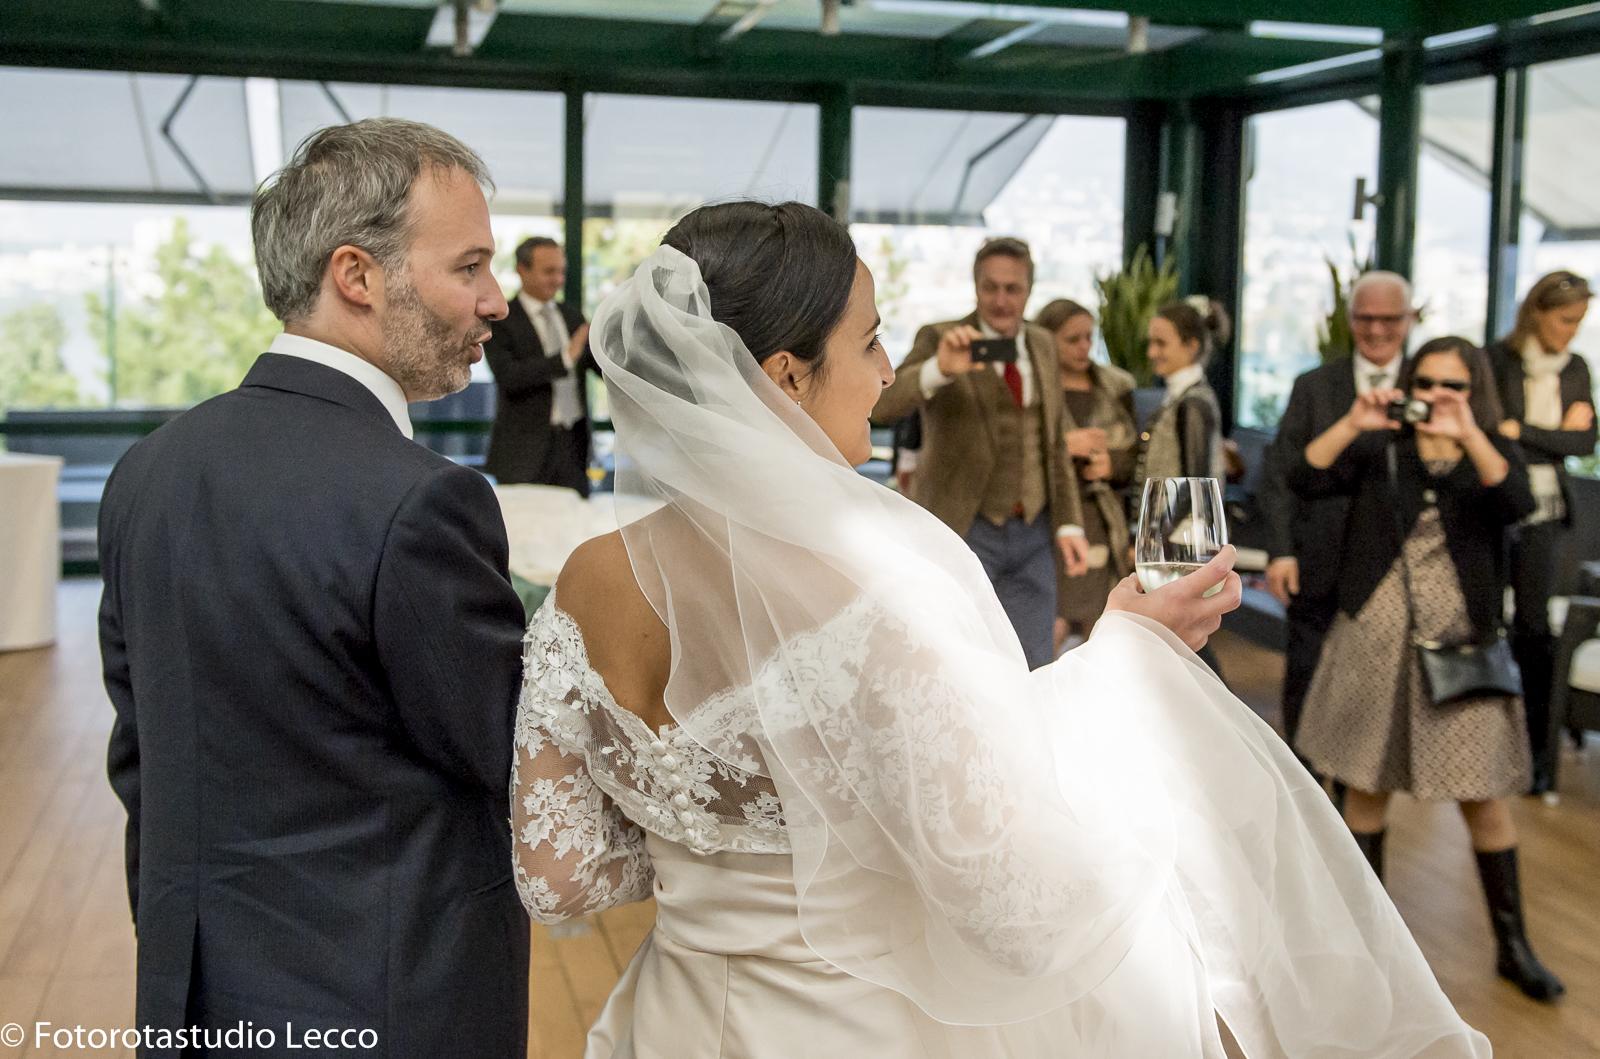 Matrimonio Rustico Lecco : Matrimonio hotel griso lecco cerimonia bellano lago